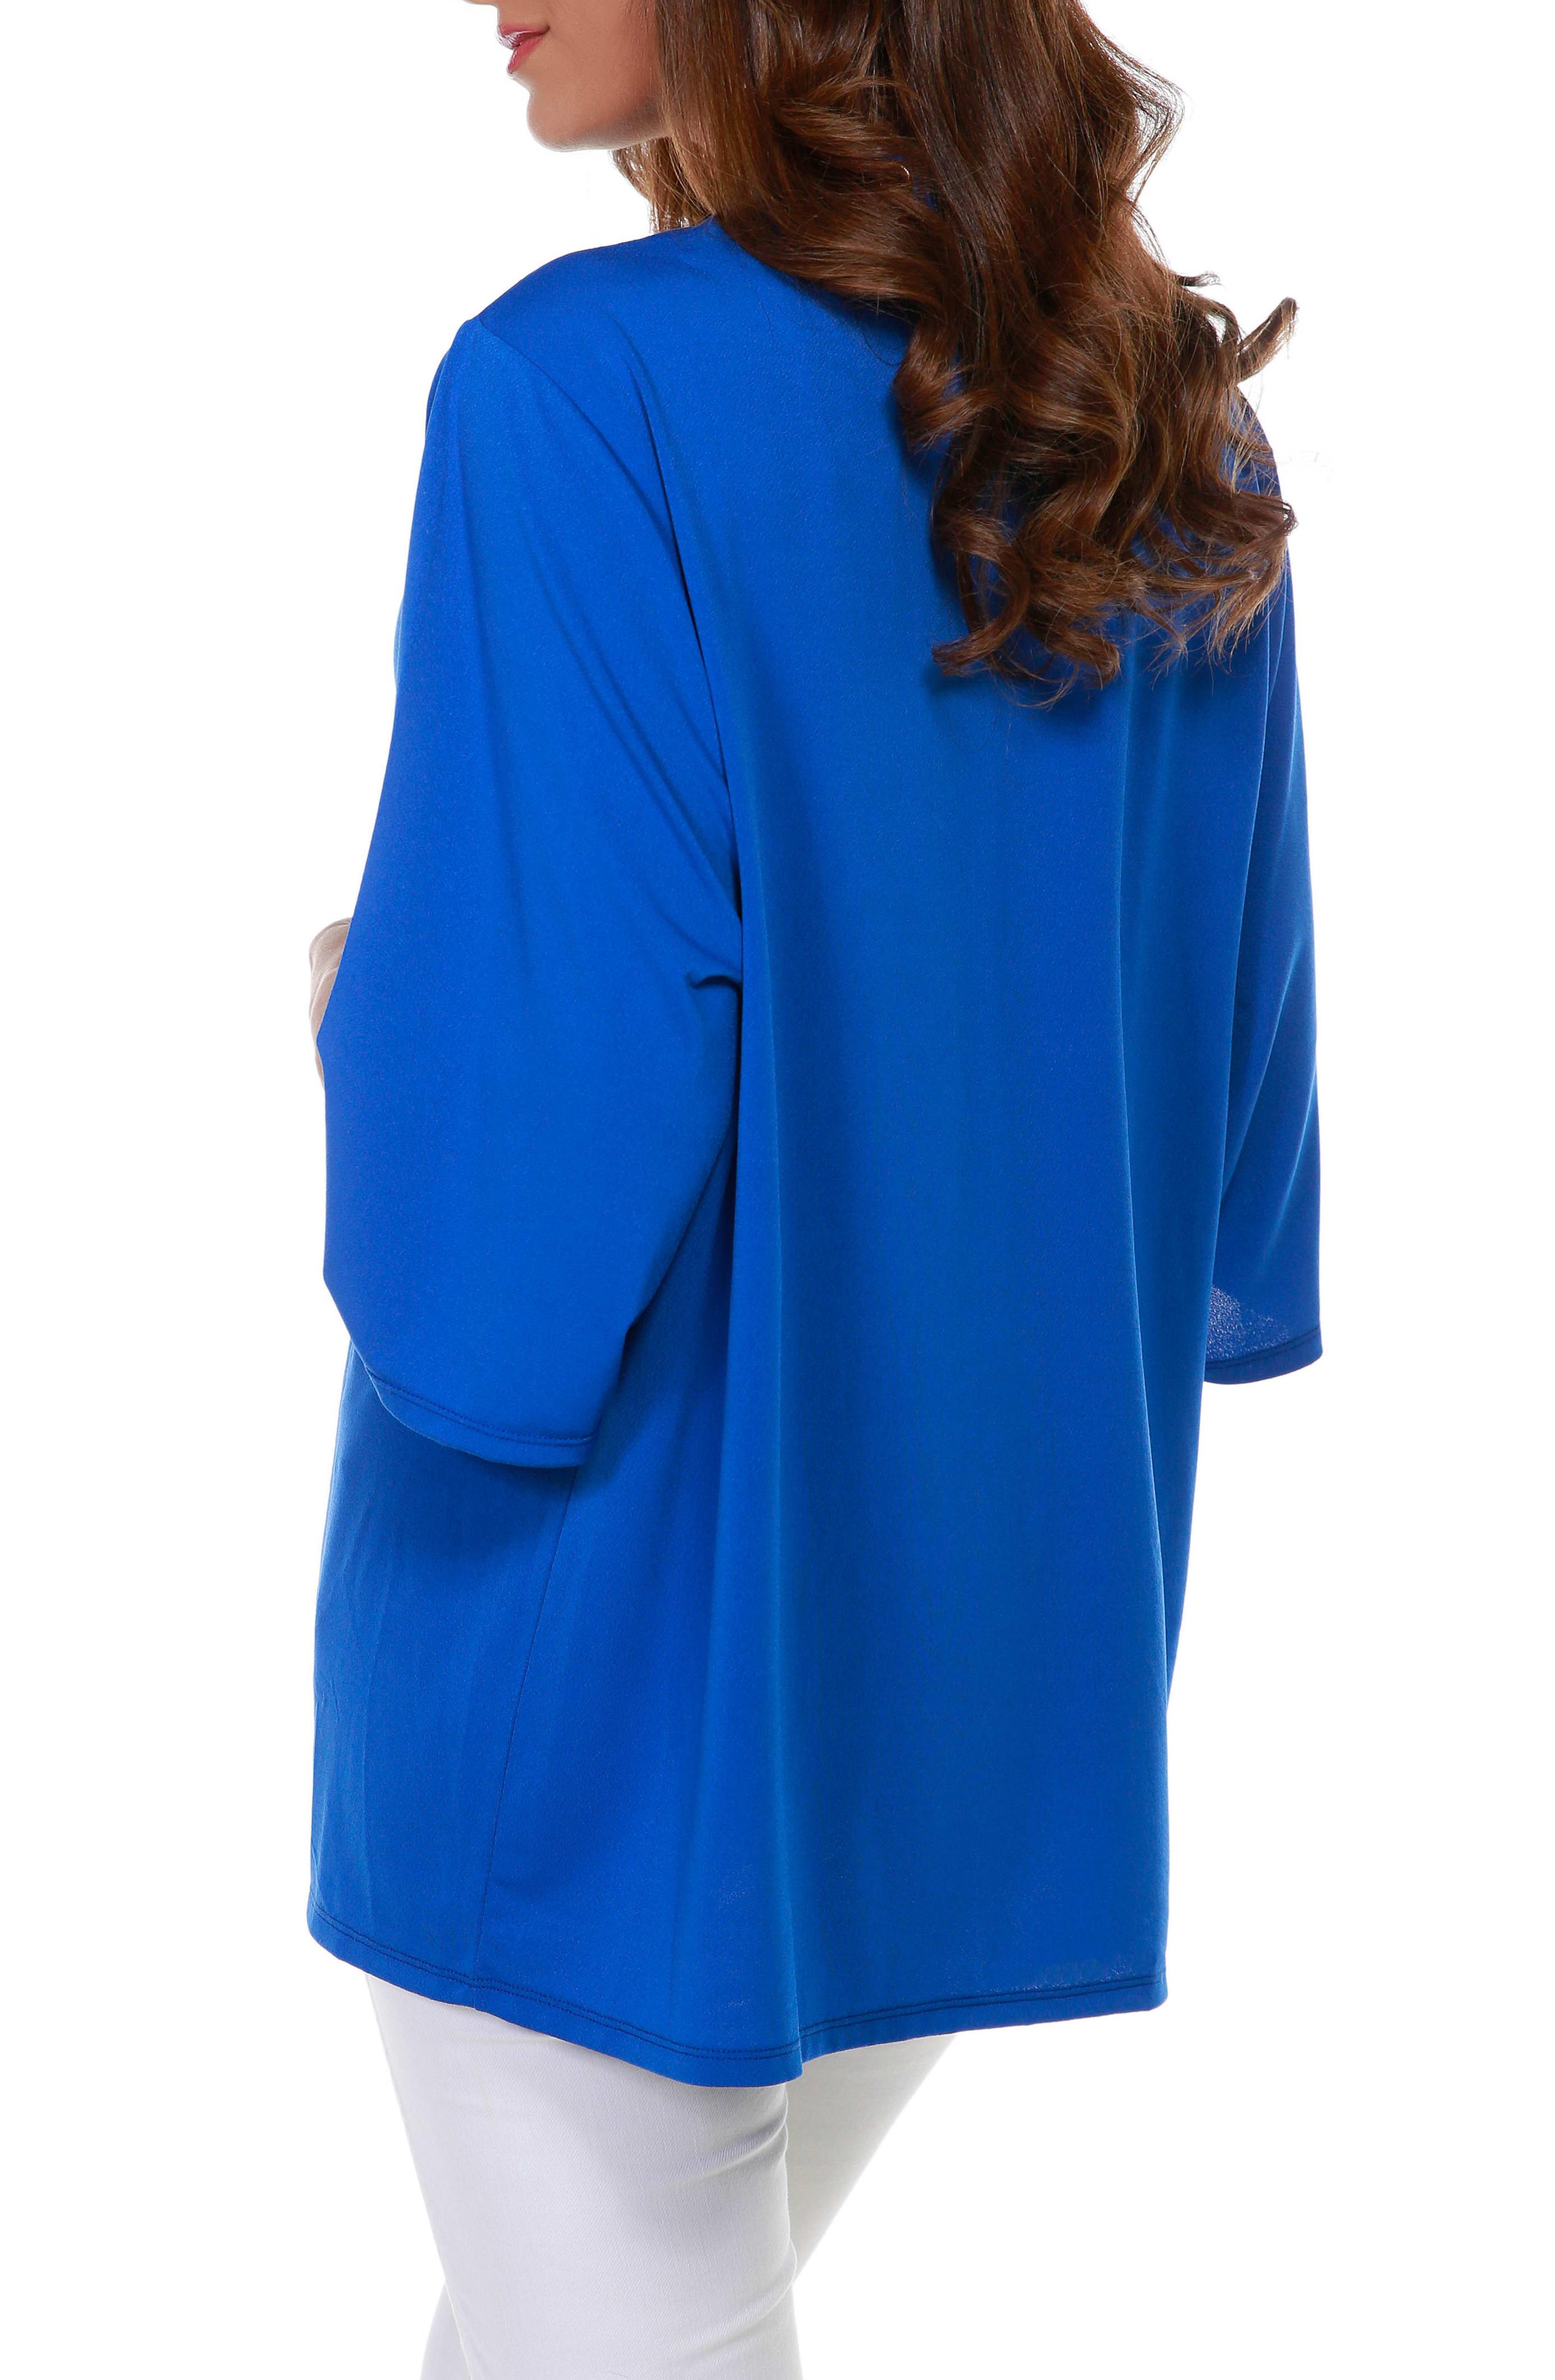 3/4 Sleeve Grommet Trimmed Cardigan - Misses - Cerulean Blue/Gold - Back